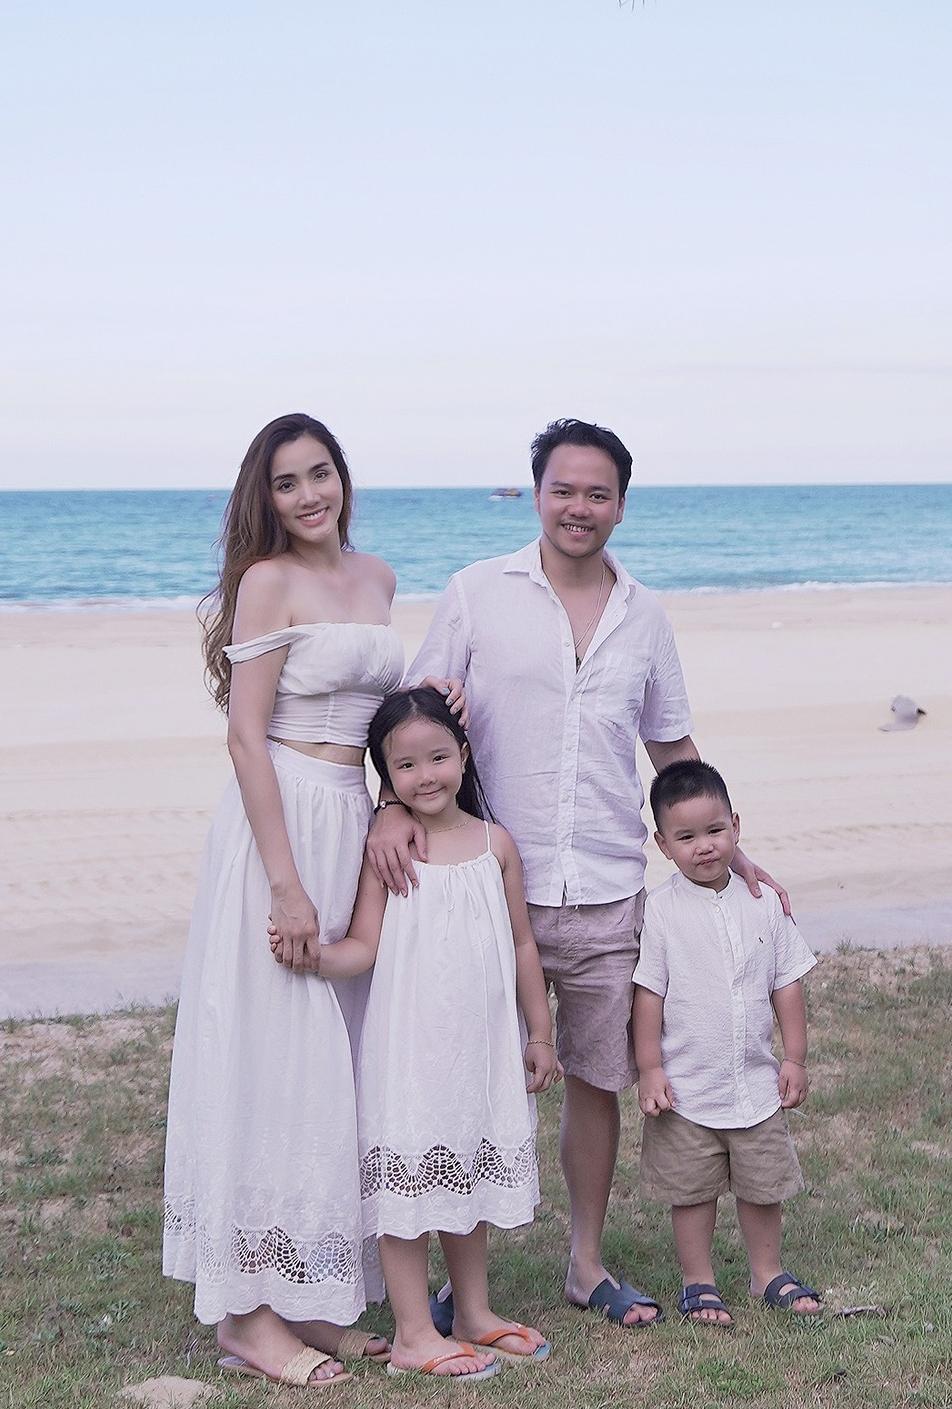 Đây cũng là cách để vợ chồng Trang Nhung xả stress sau nhiều tháng chống dịch, lo lắng việc kinh doanh.